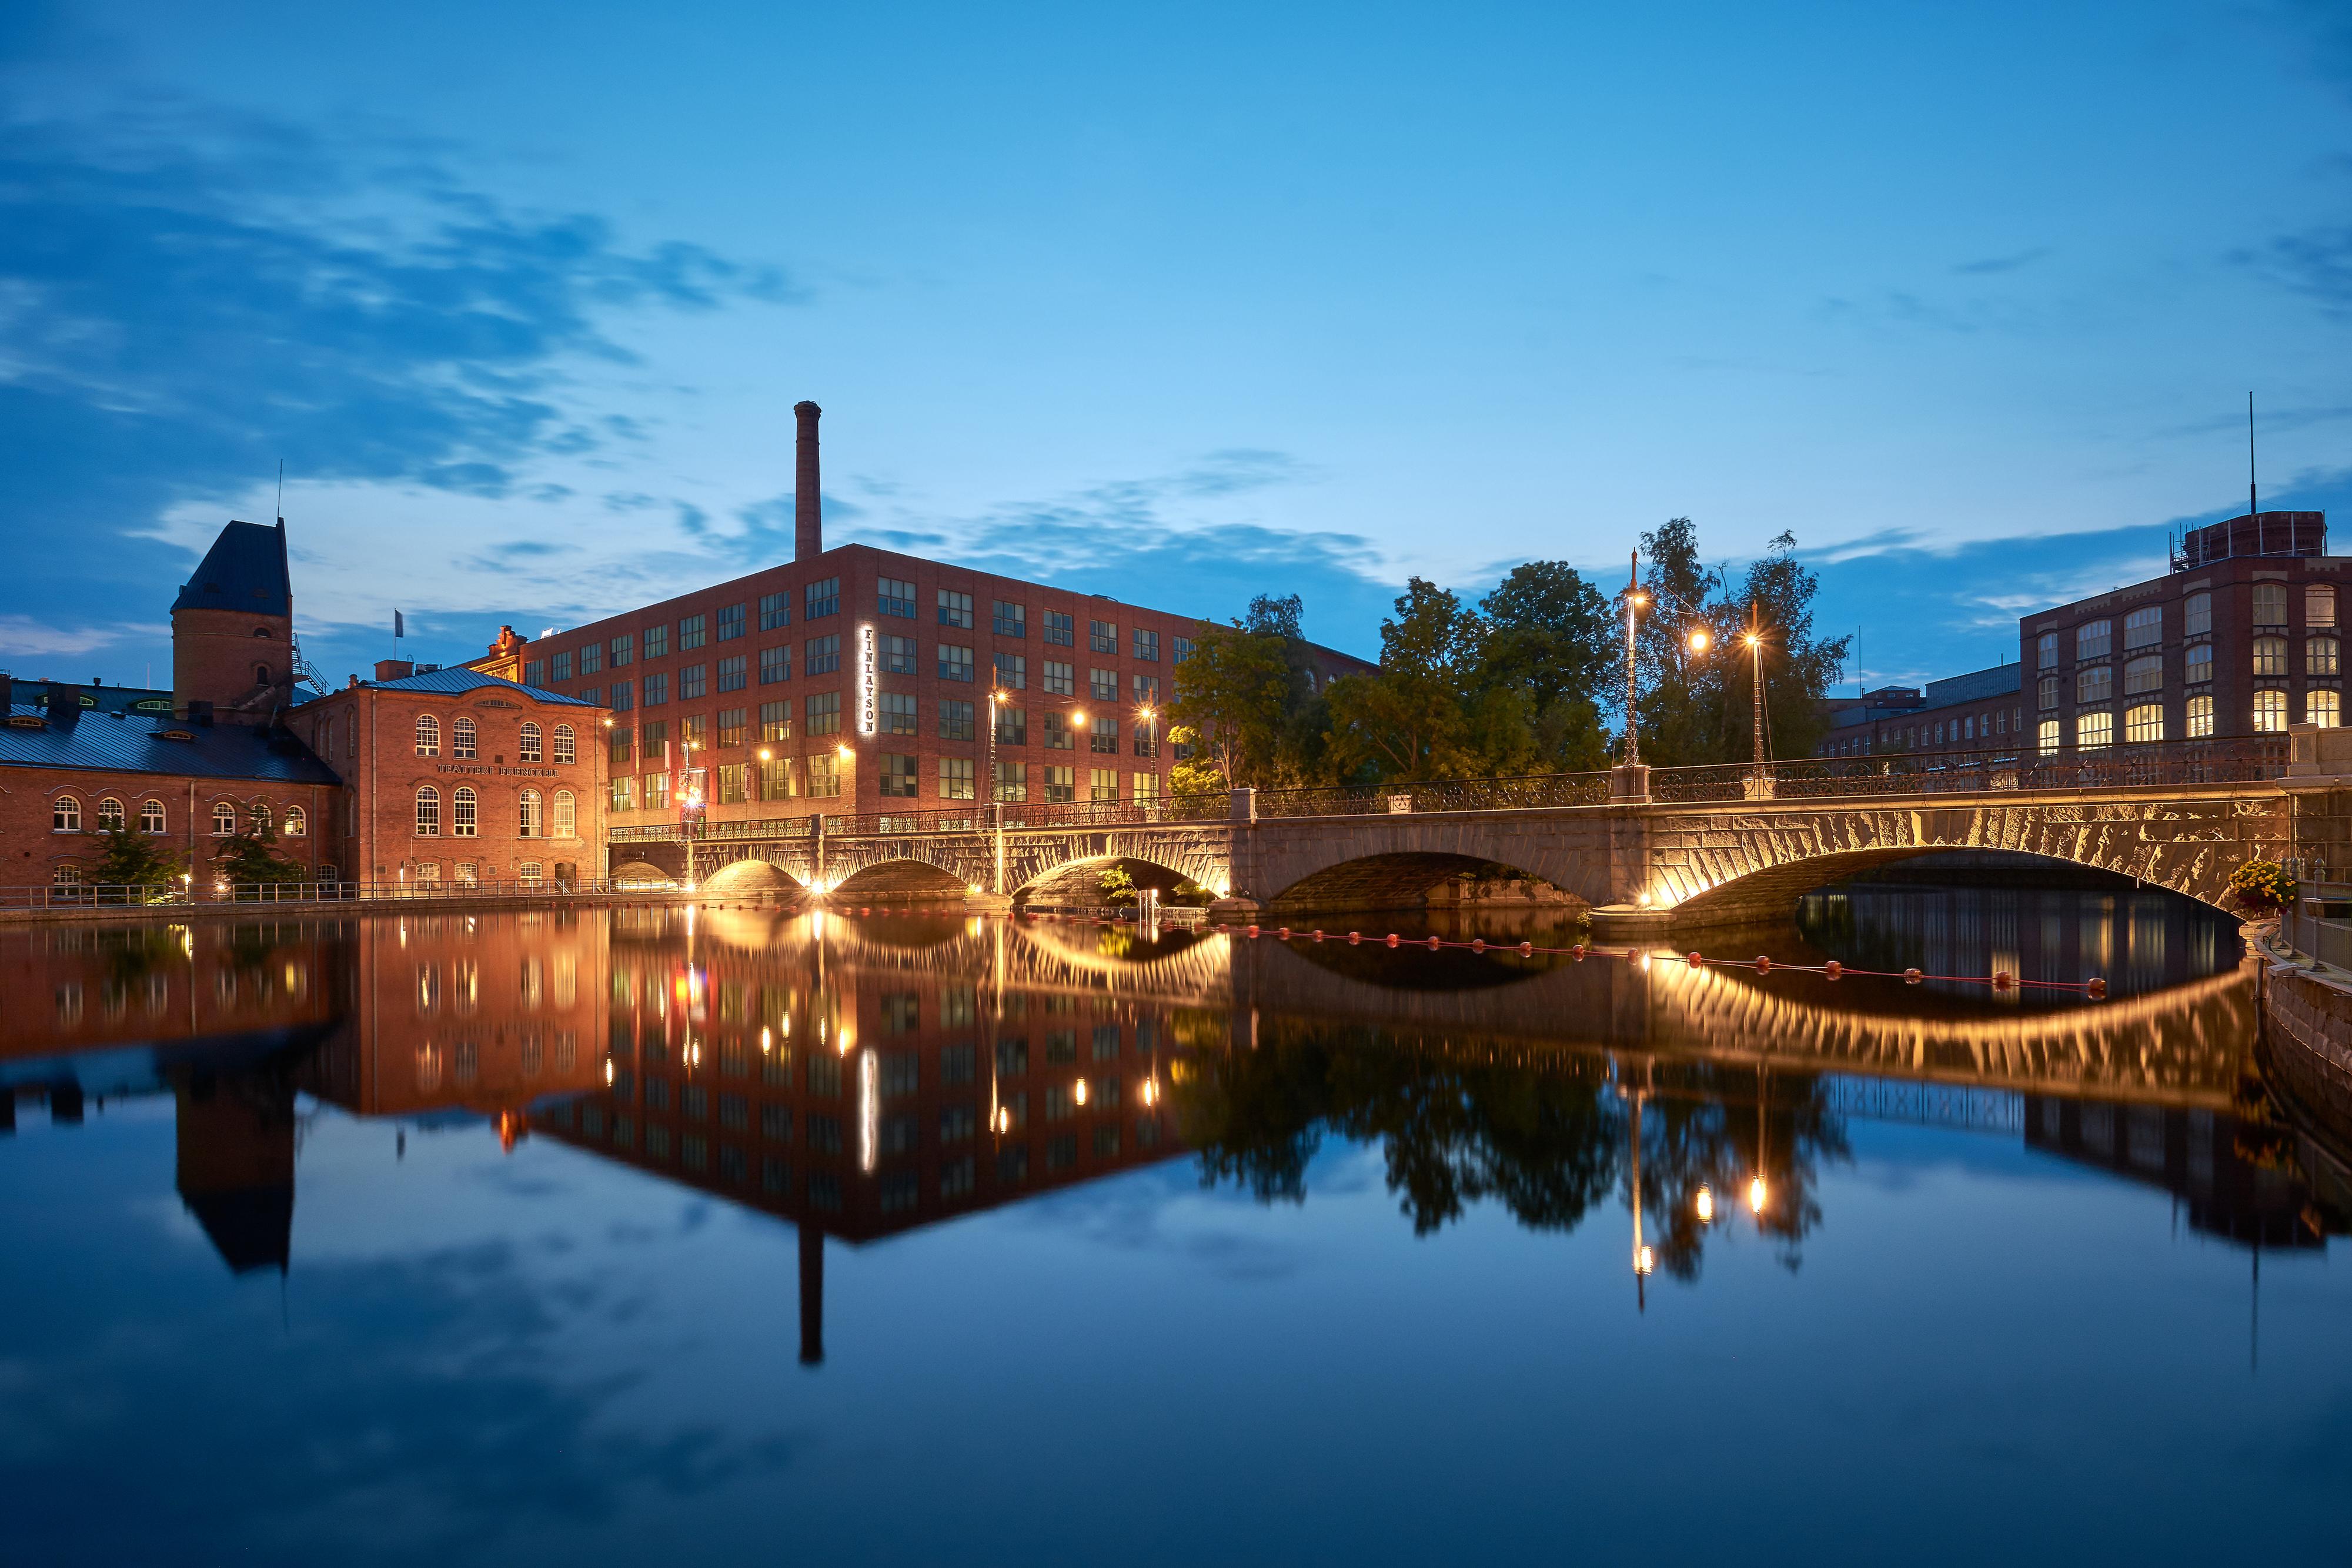 Foto: Tampere bei Nacht